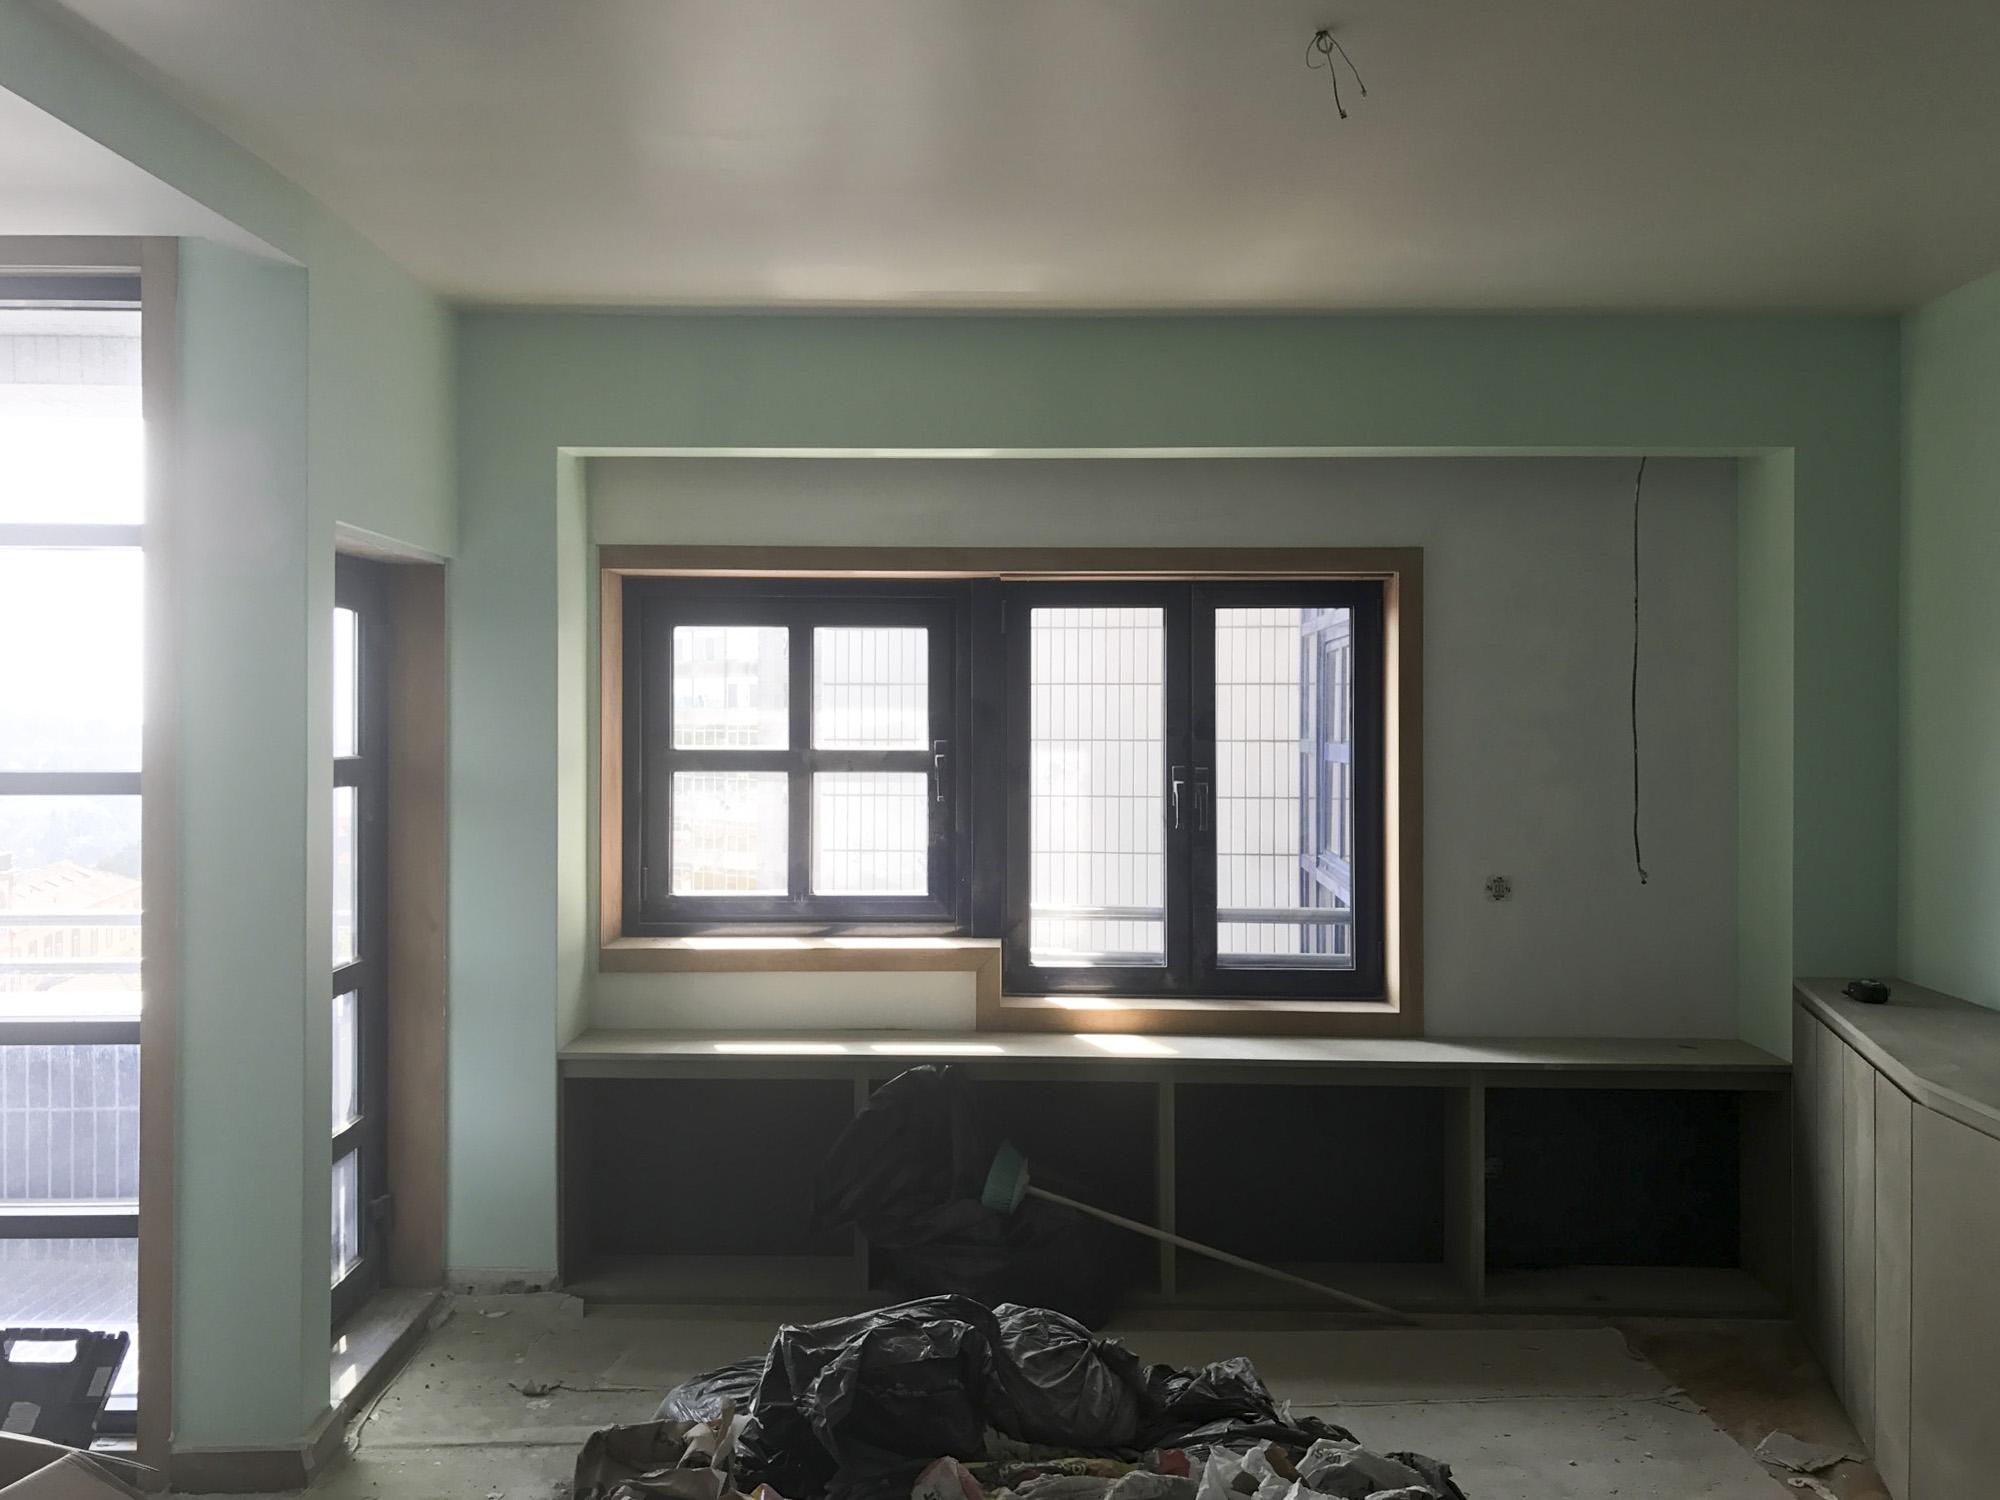 Apartamento Azul Farol - Porto - EVA evolutionary architecture - EVA atelier - Arquitecto - Remodelação (20).jpg